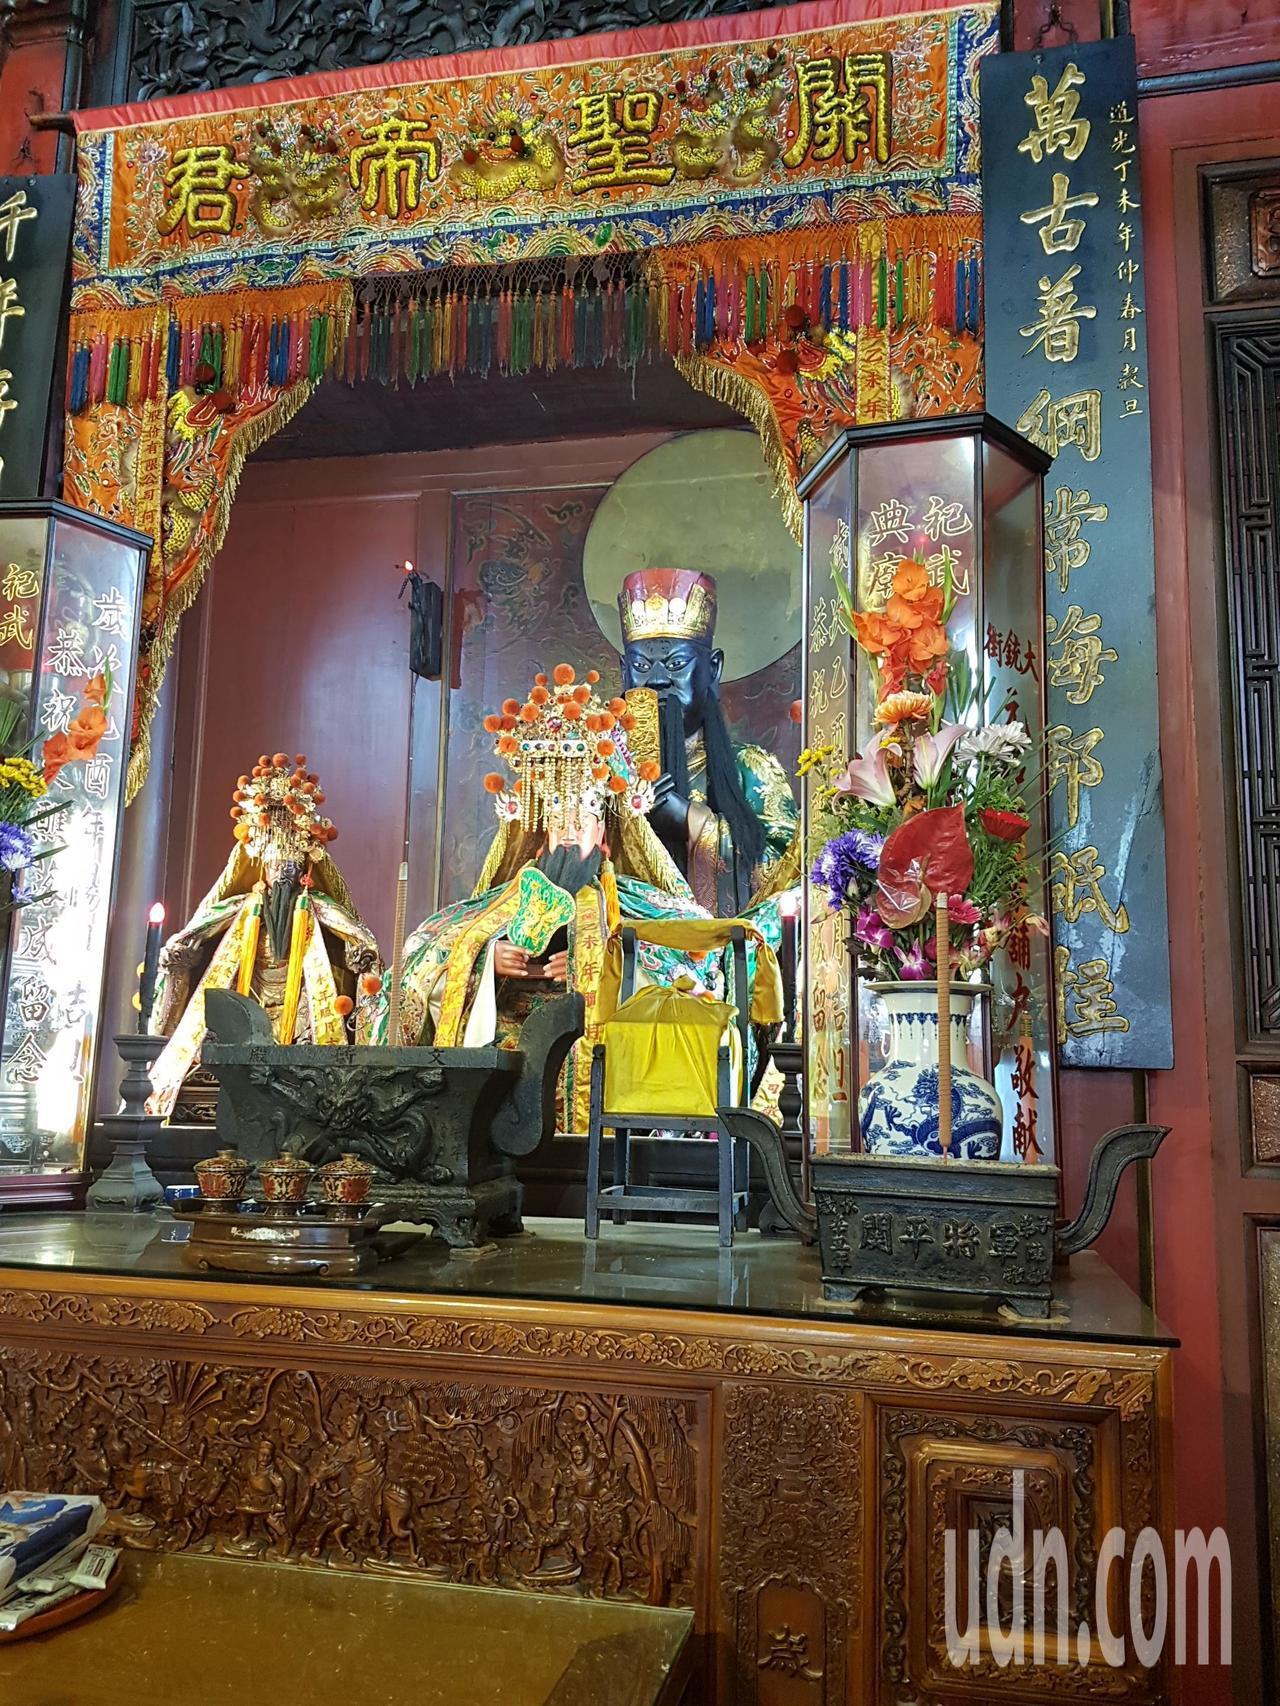 台南祀典武廟為國定古蹟,傳出關聖帝君神像頸部有裂縫(後方黑面)。記者修瑞瑩/攝影